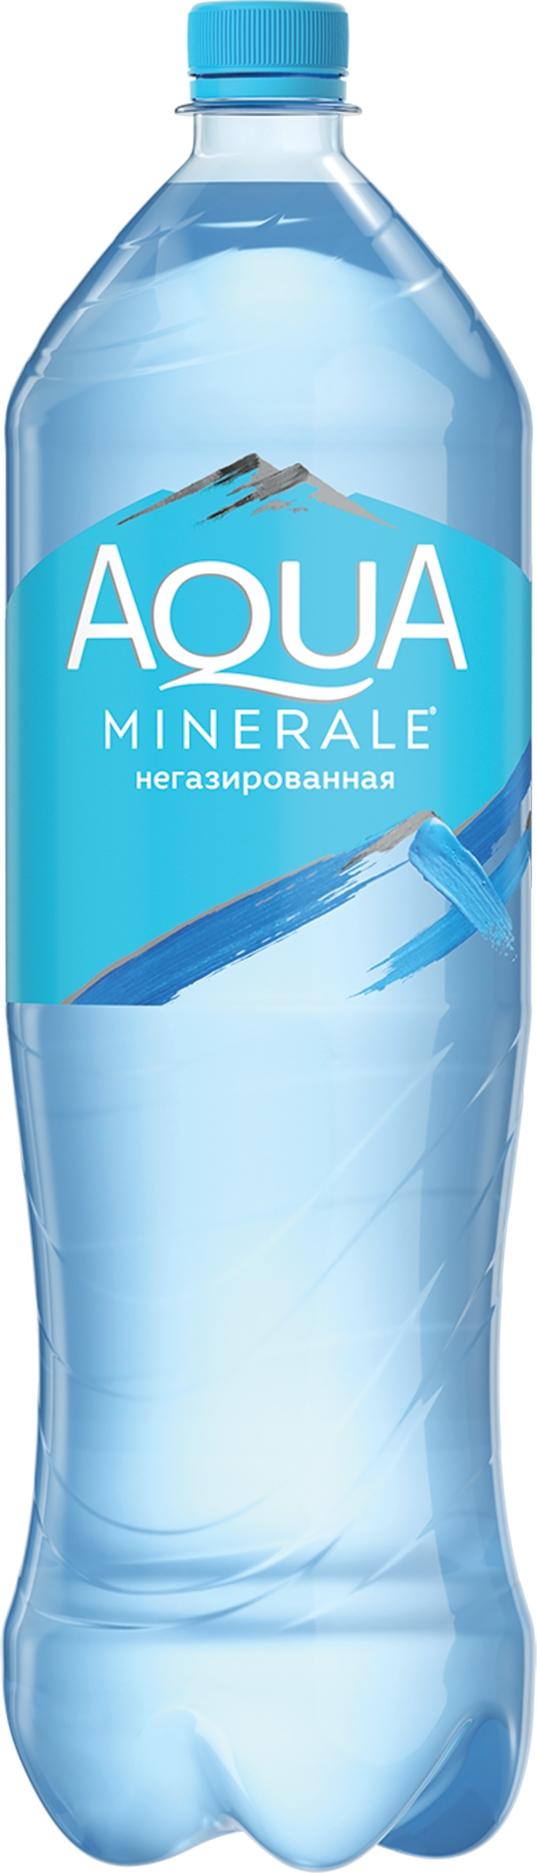 Фото - Аква Минерале Вода б/газ 1.5л ПЭТ Aqua Minerale вода aqua minerale малина 500 мл